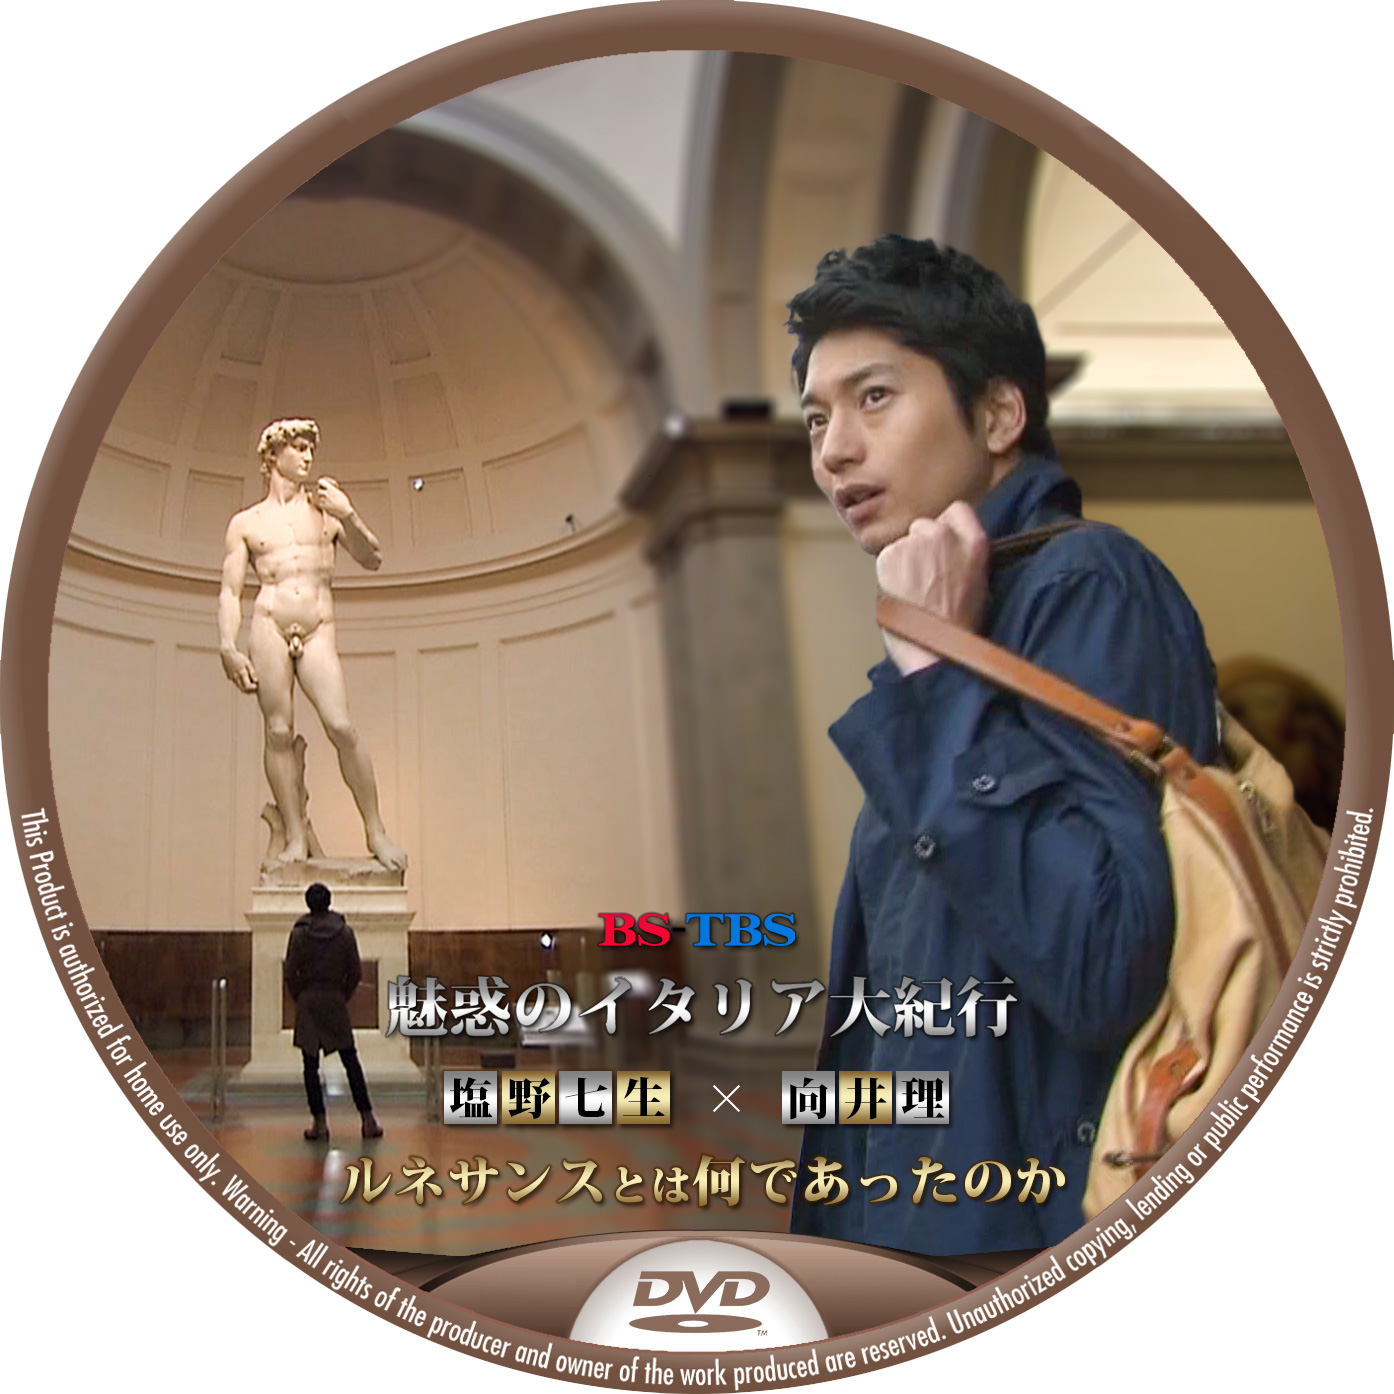 イタリア大紀行 向井理 DVDラベル